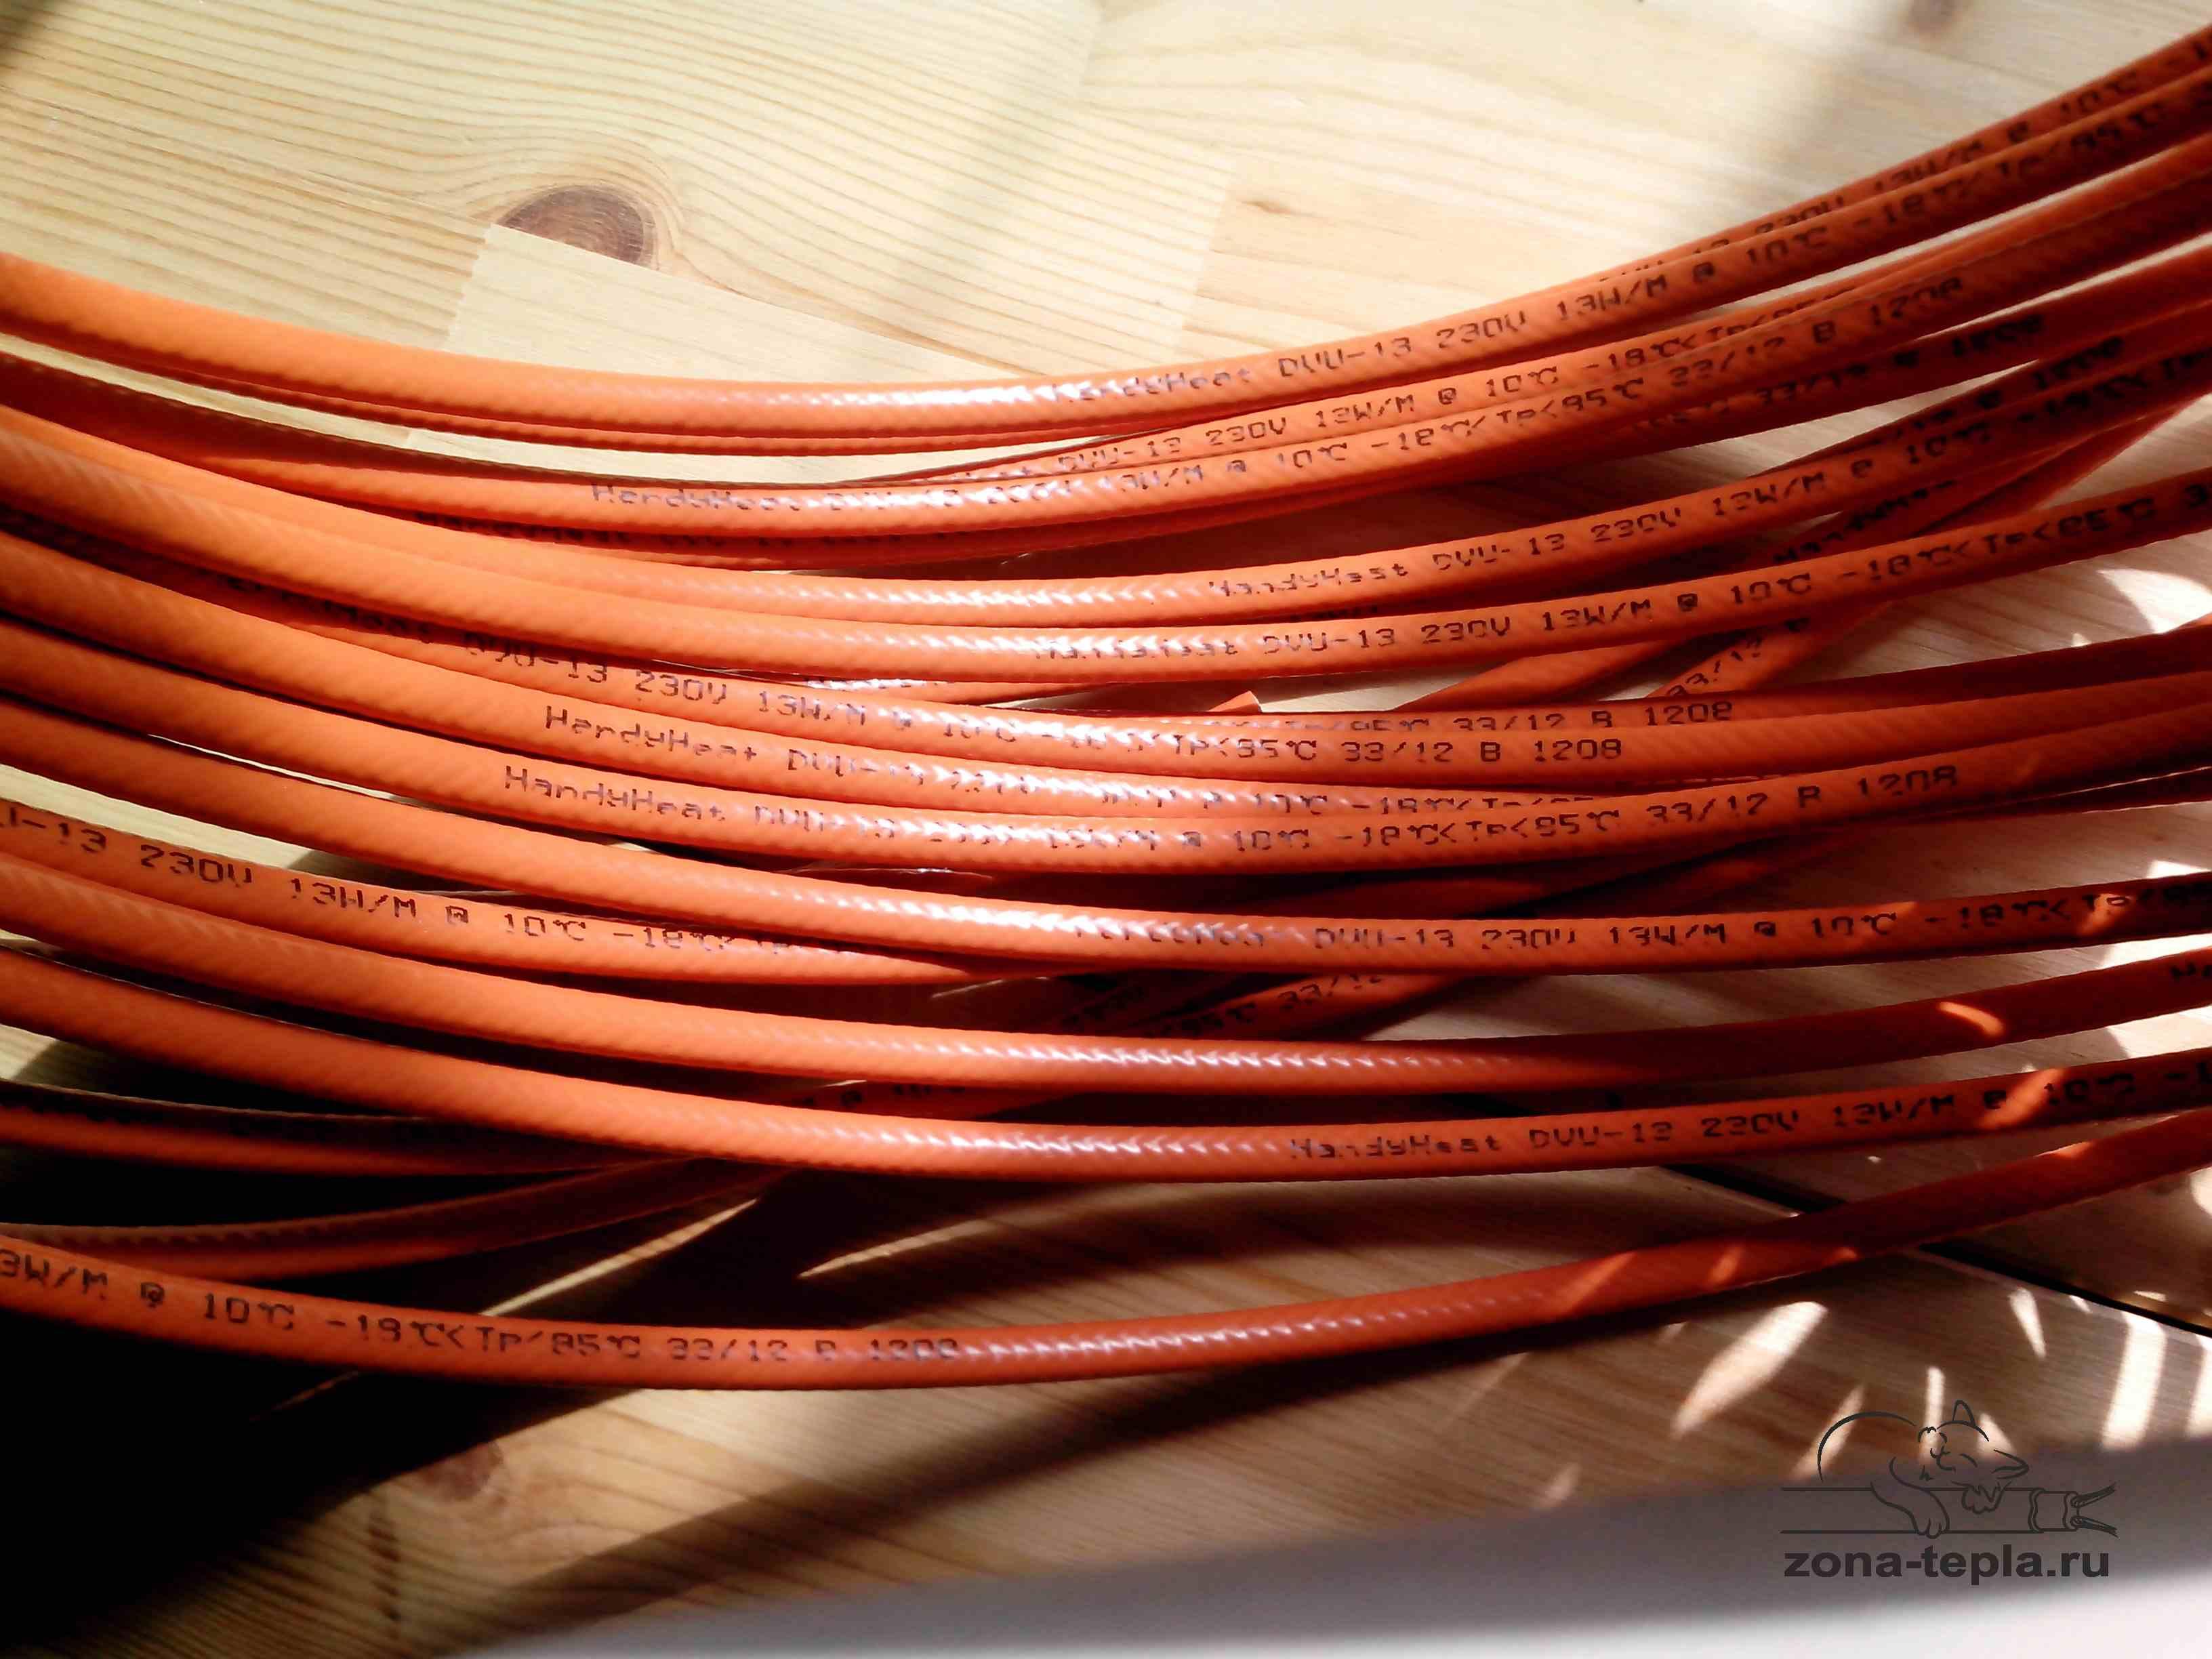 Саморегулирующийся греющий кабель внутри трубы DVU-13